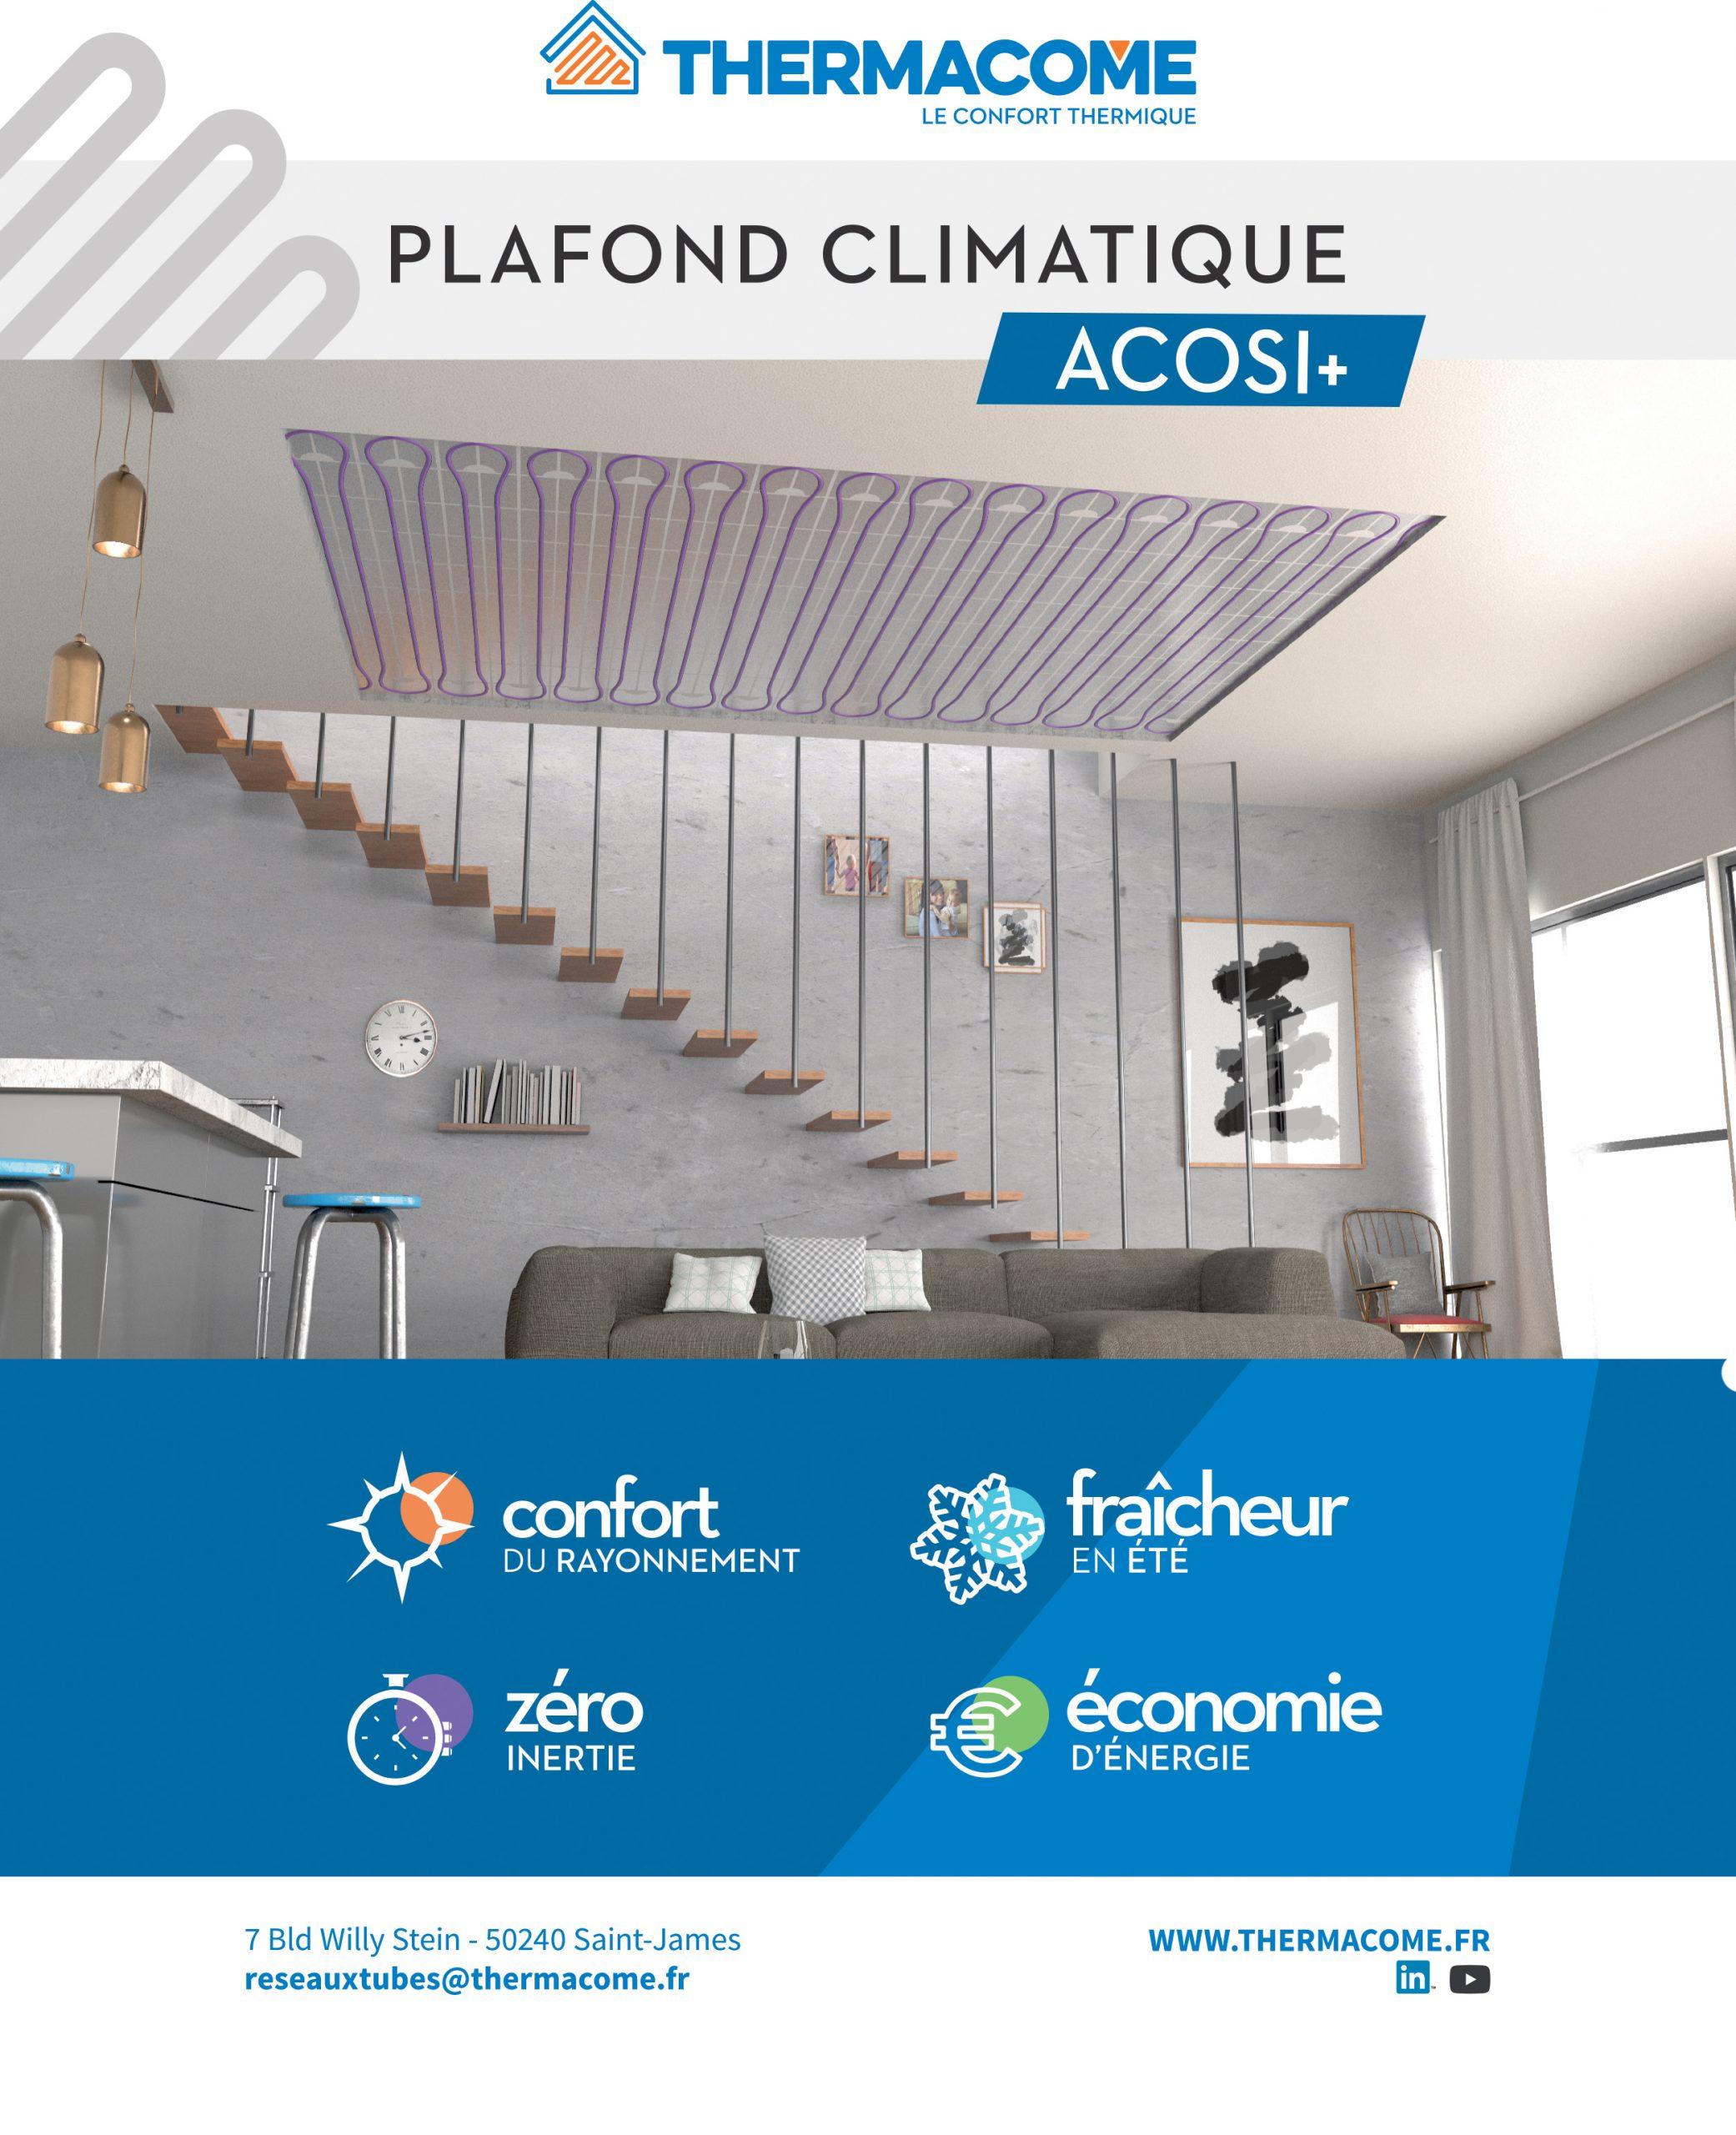 Un plafond chauffant réversible pour une température idéale dans votre maison